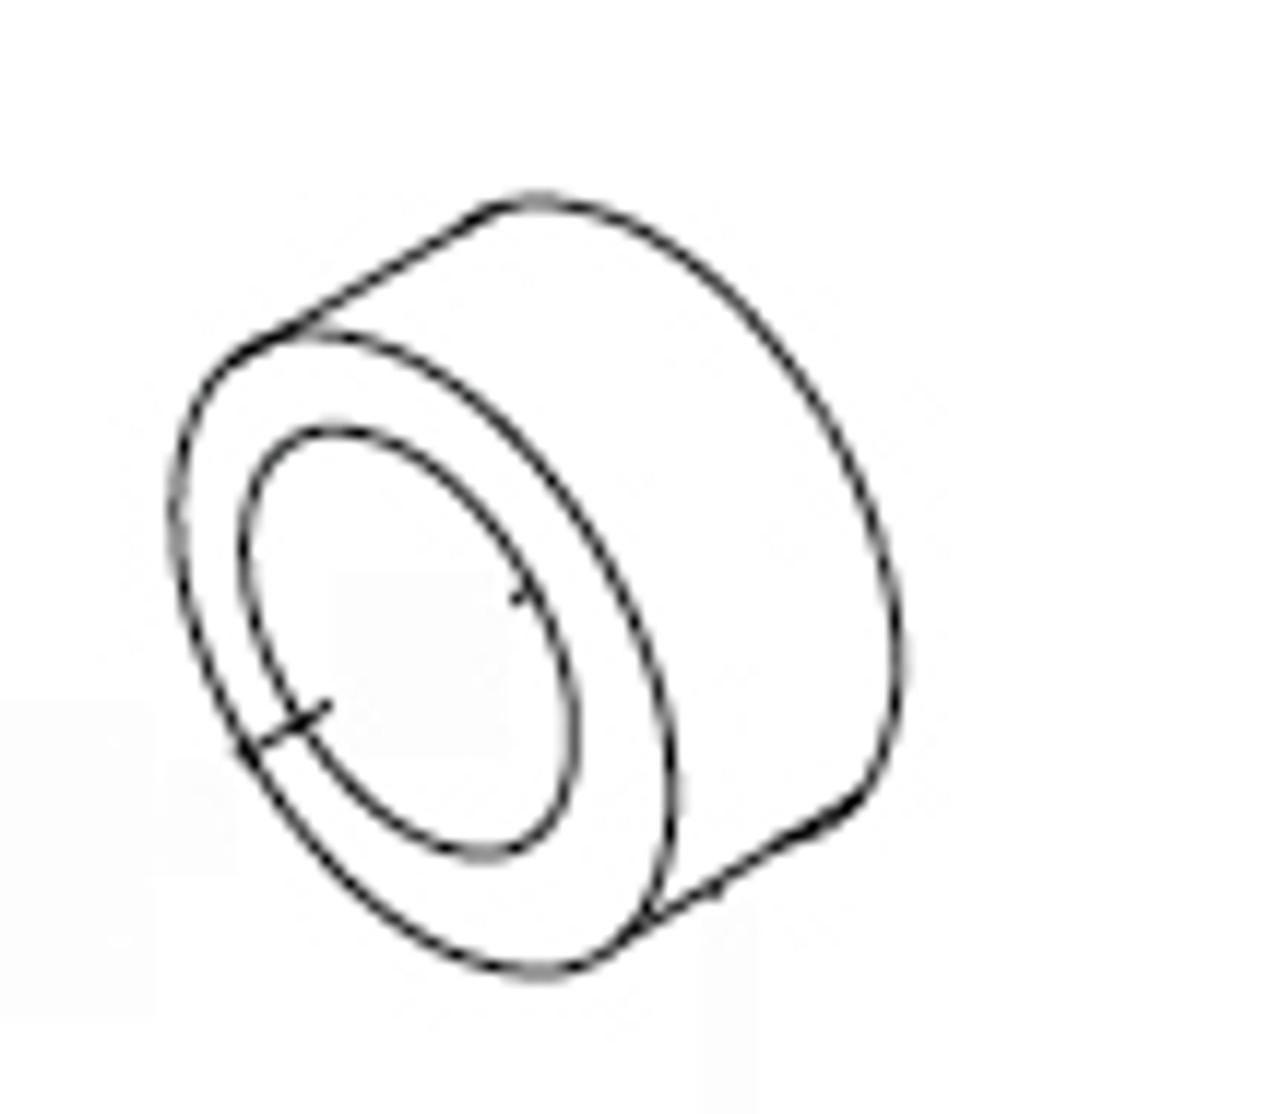 ProCut KDS-10,KDS-12 - Rubber Bumper - 05-00931